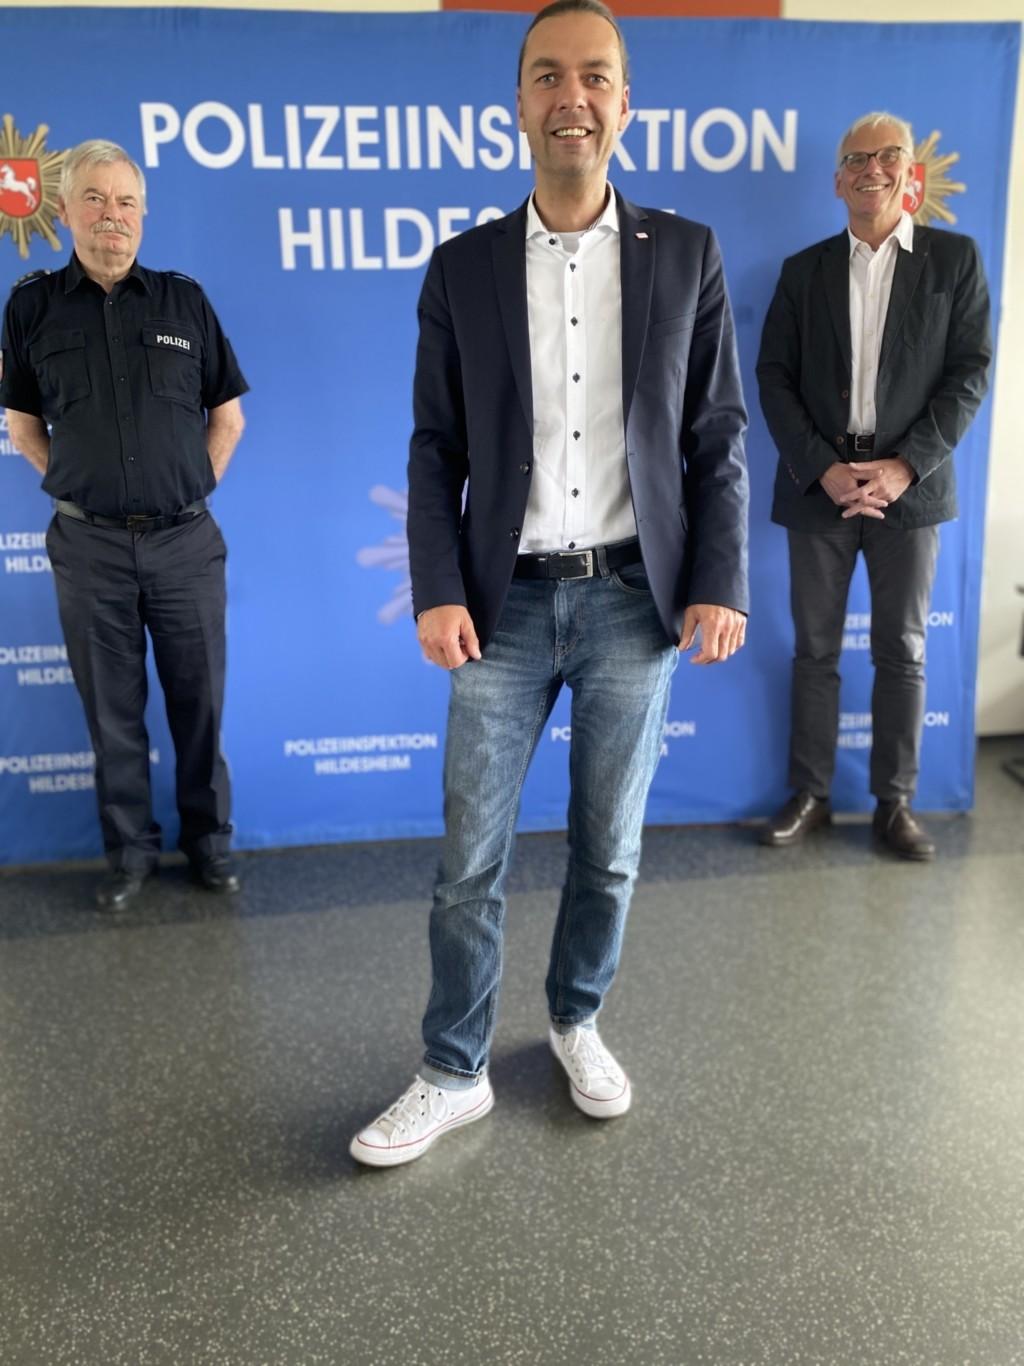 Besuch der Polizei Hildesheim